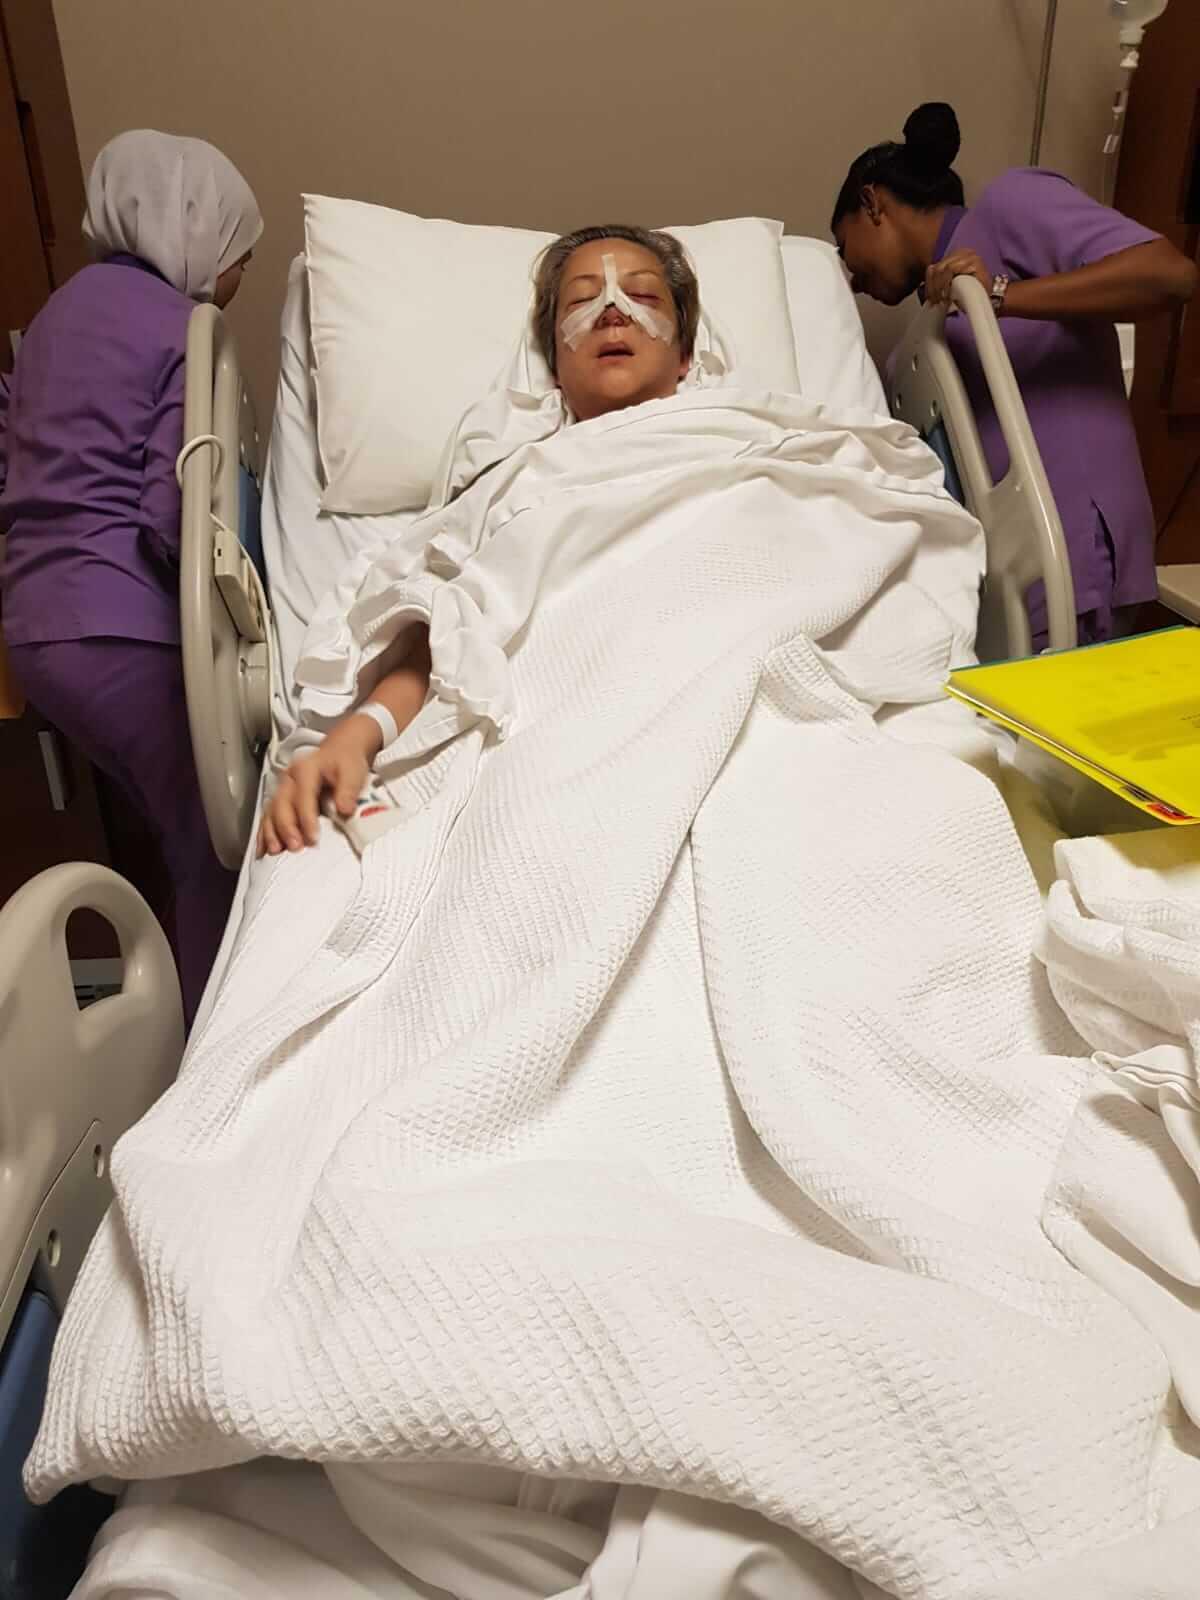 主診醫生批准可乘飛機,馮寶寶再飛往吉隆坡另入當地醫院進行鼻骨矯形手術。